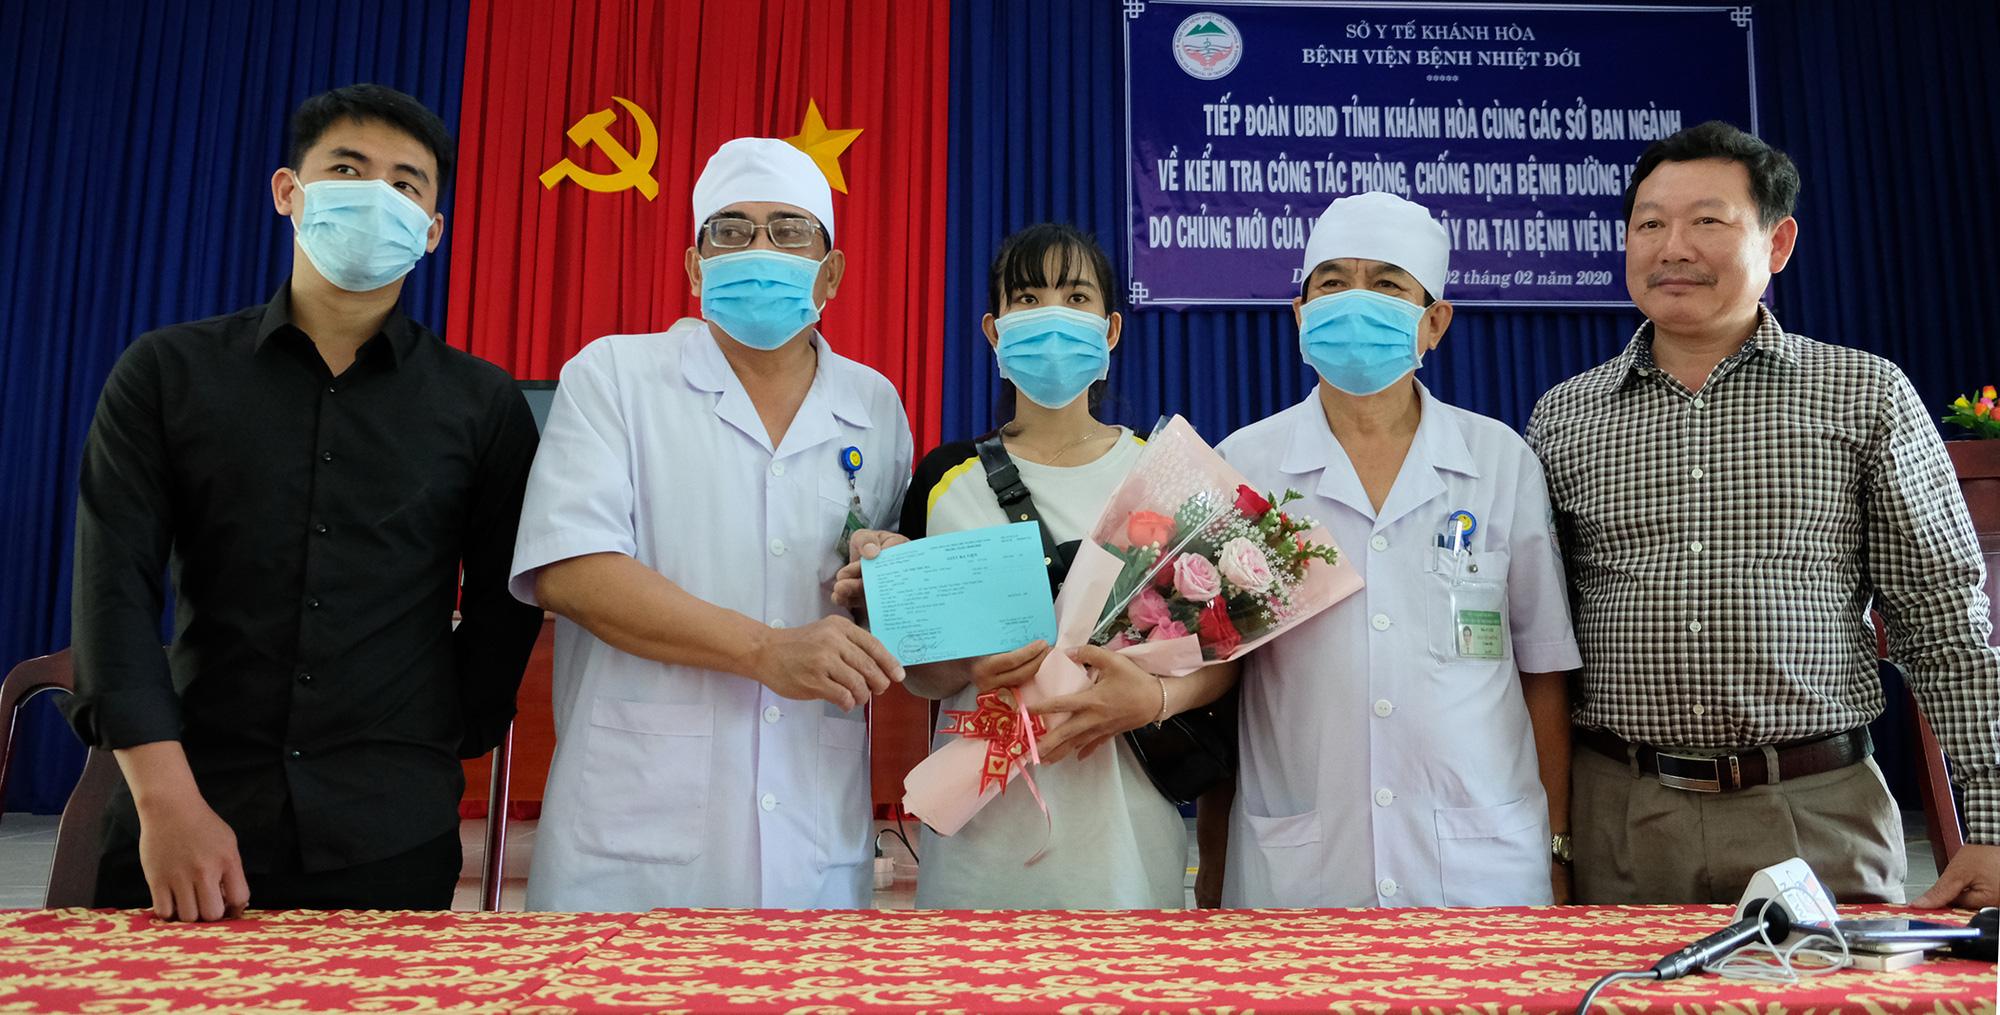 Công bố hết dịch Covid-19 tại Khánh Hòa. (Ảnh qua tuoitre)